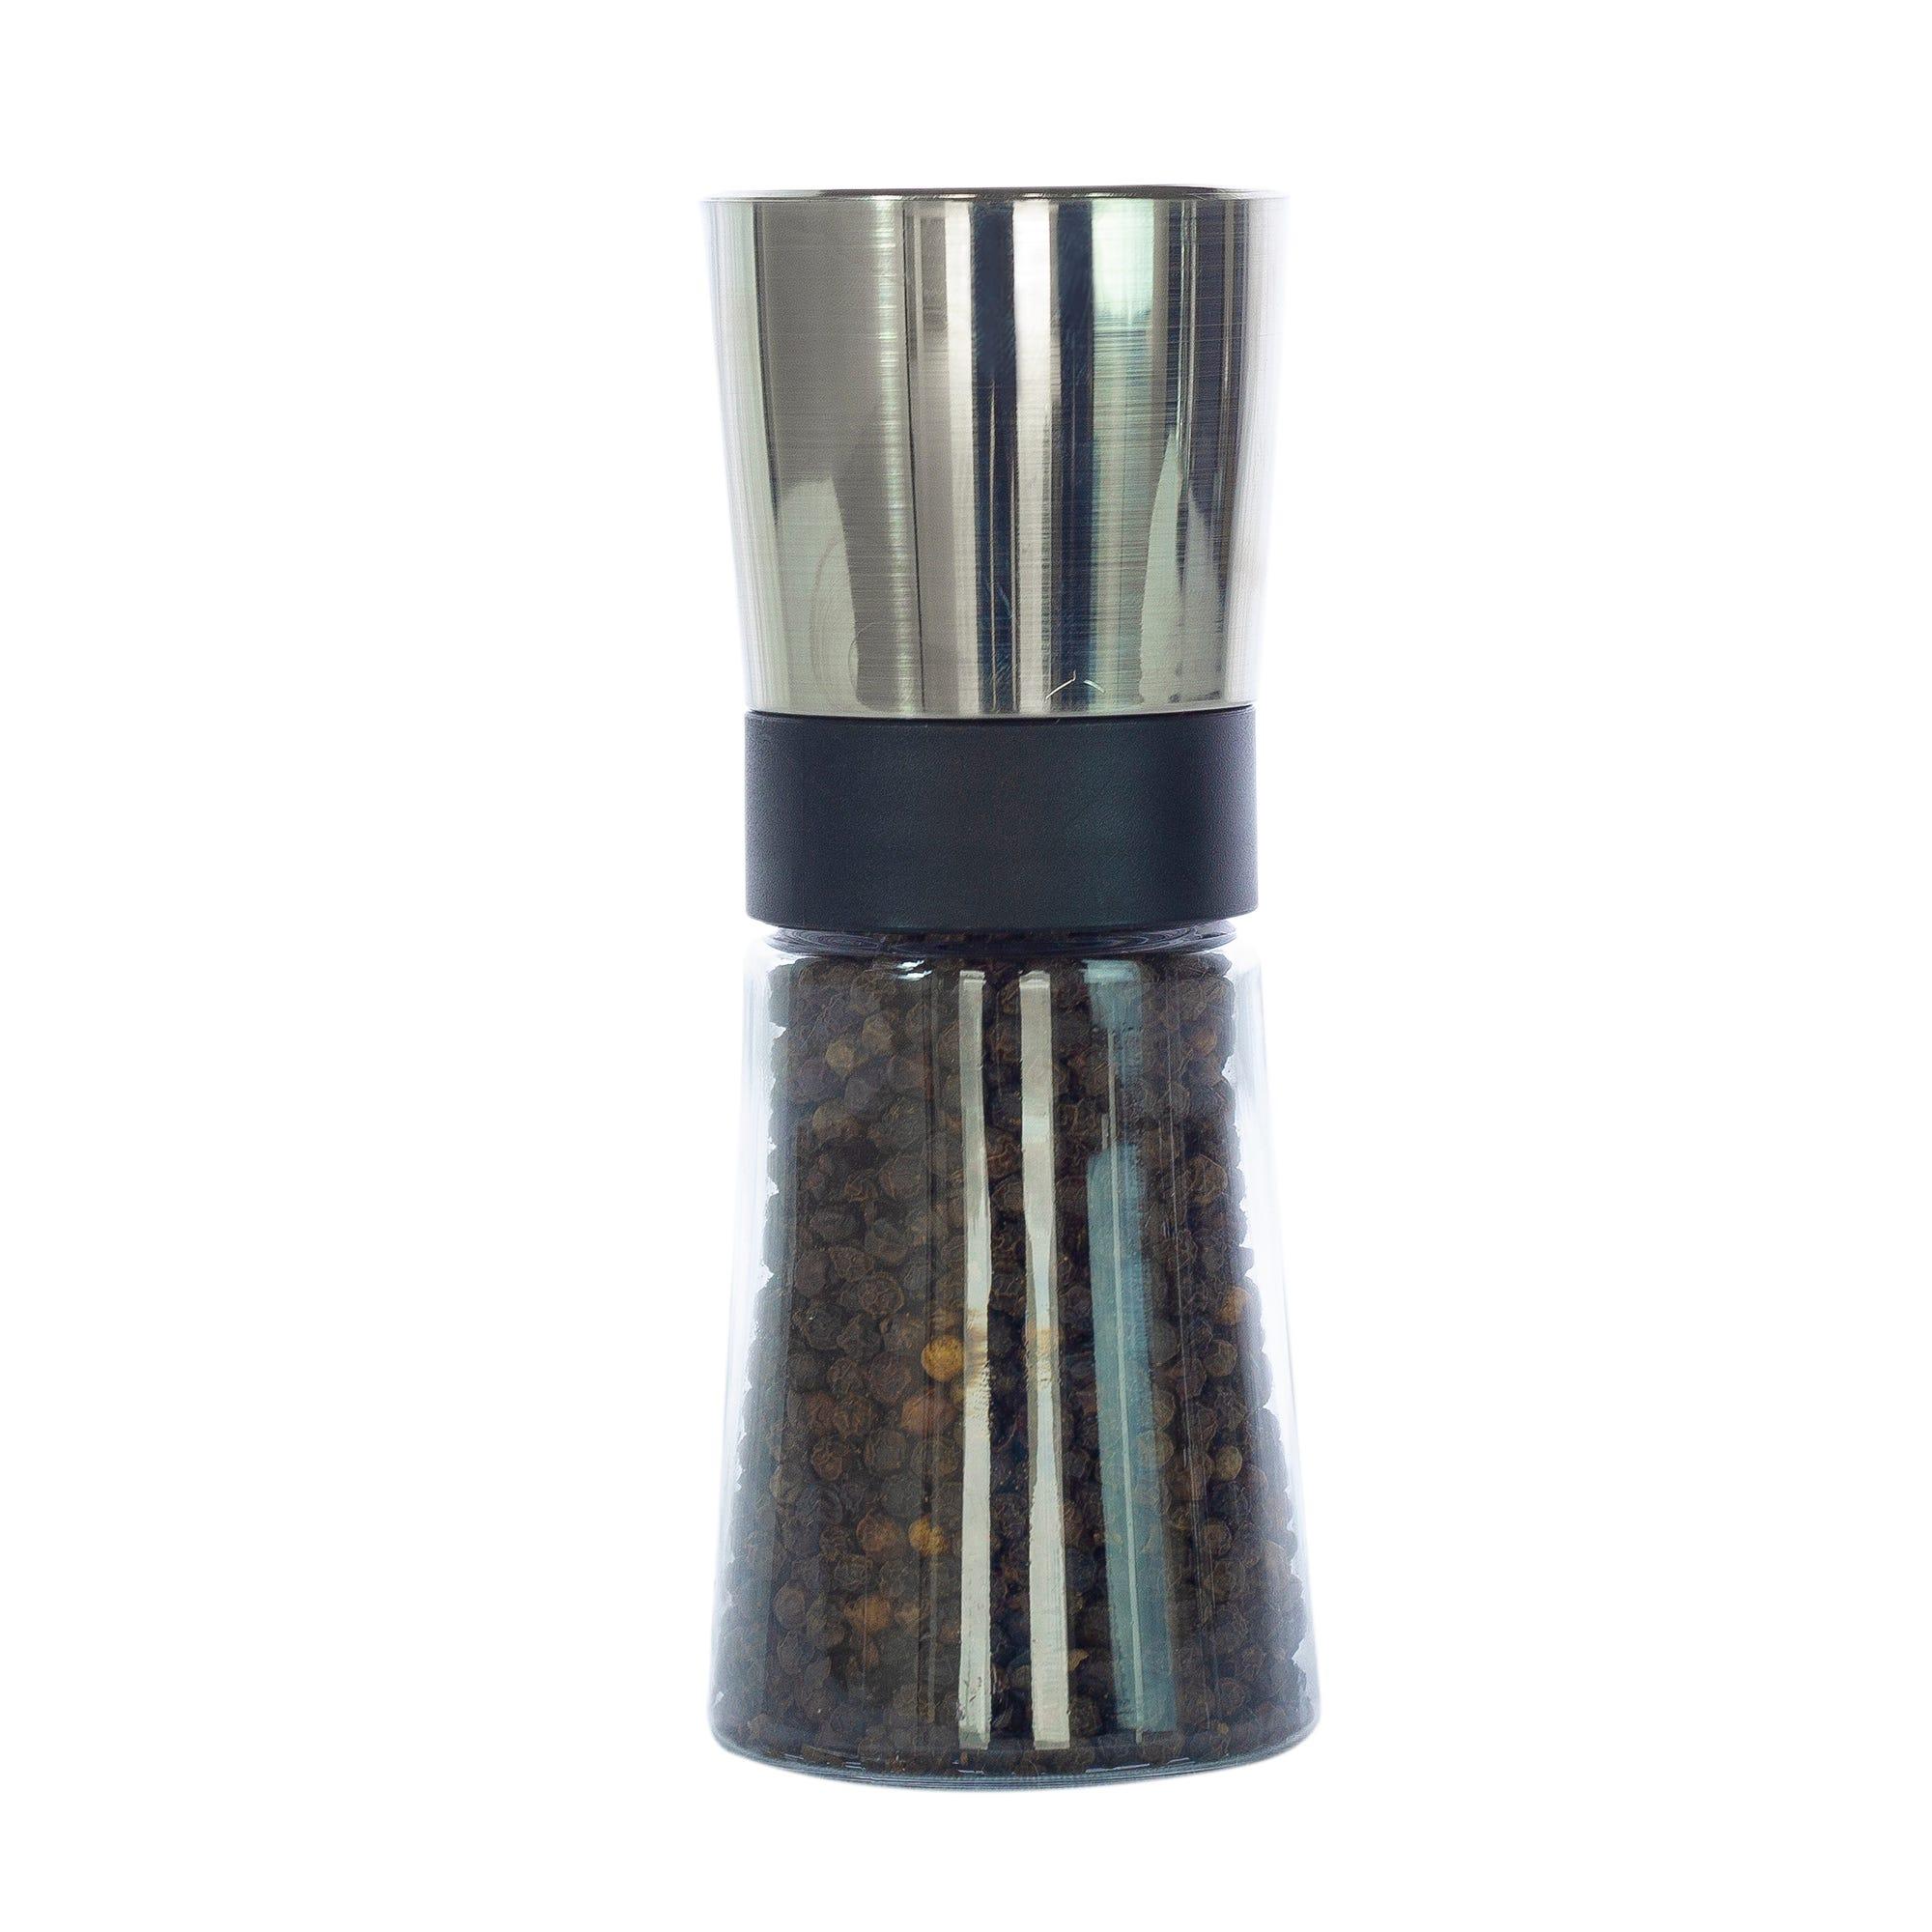 Molino para pimienta de acrílico y acero inoxidable Olde Thompson Saxony